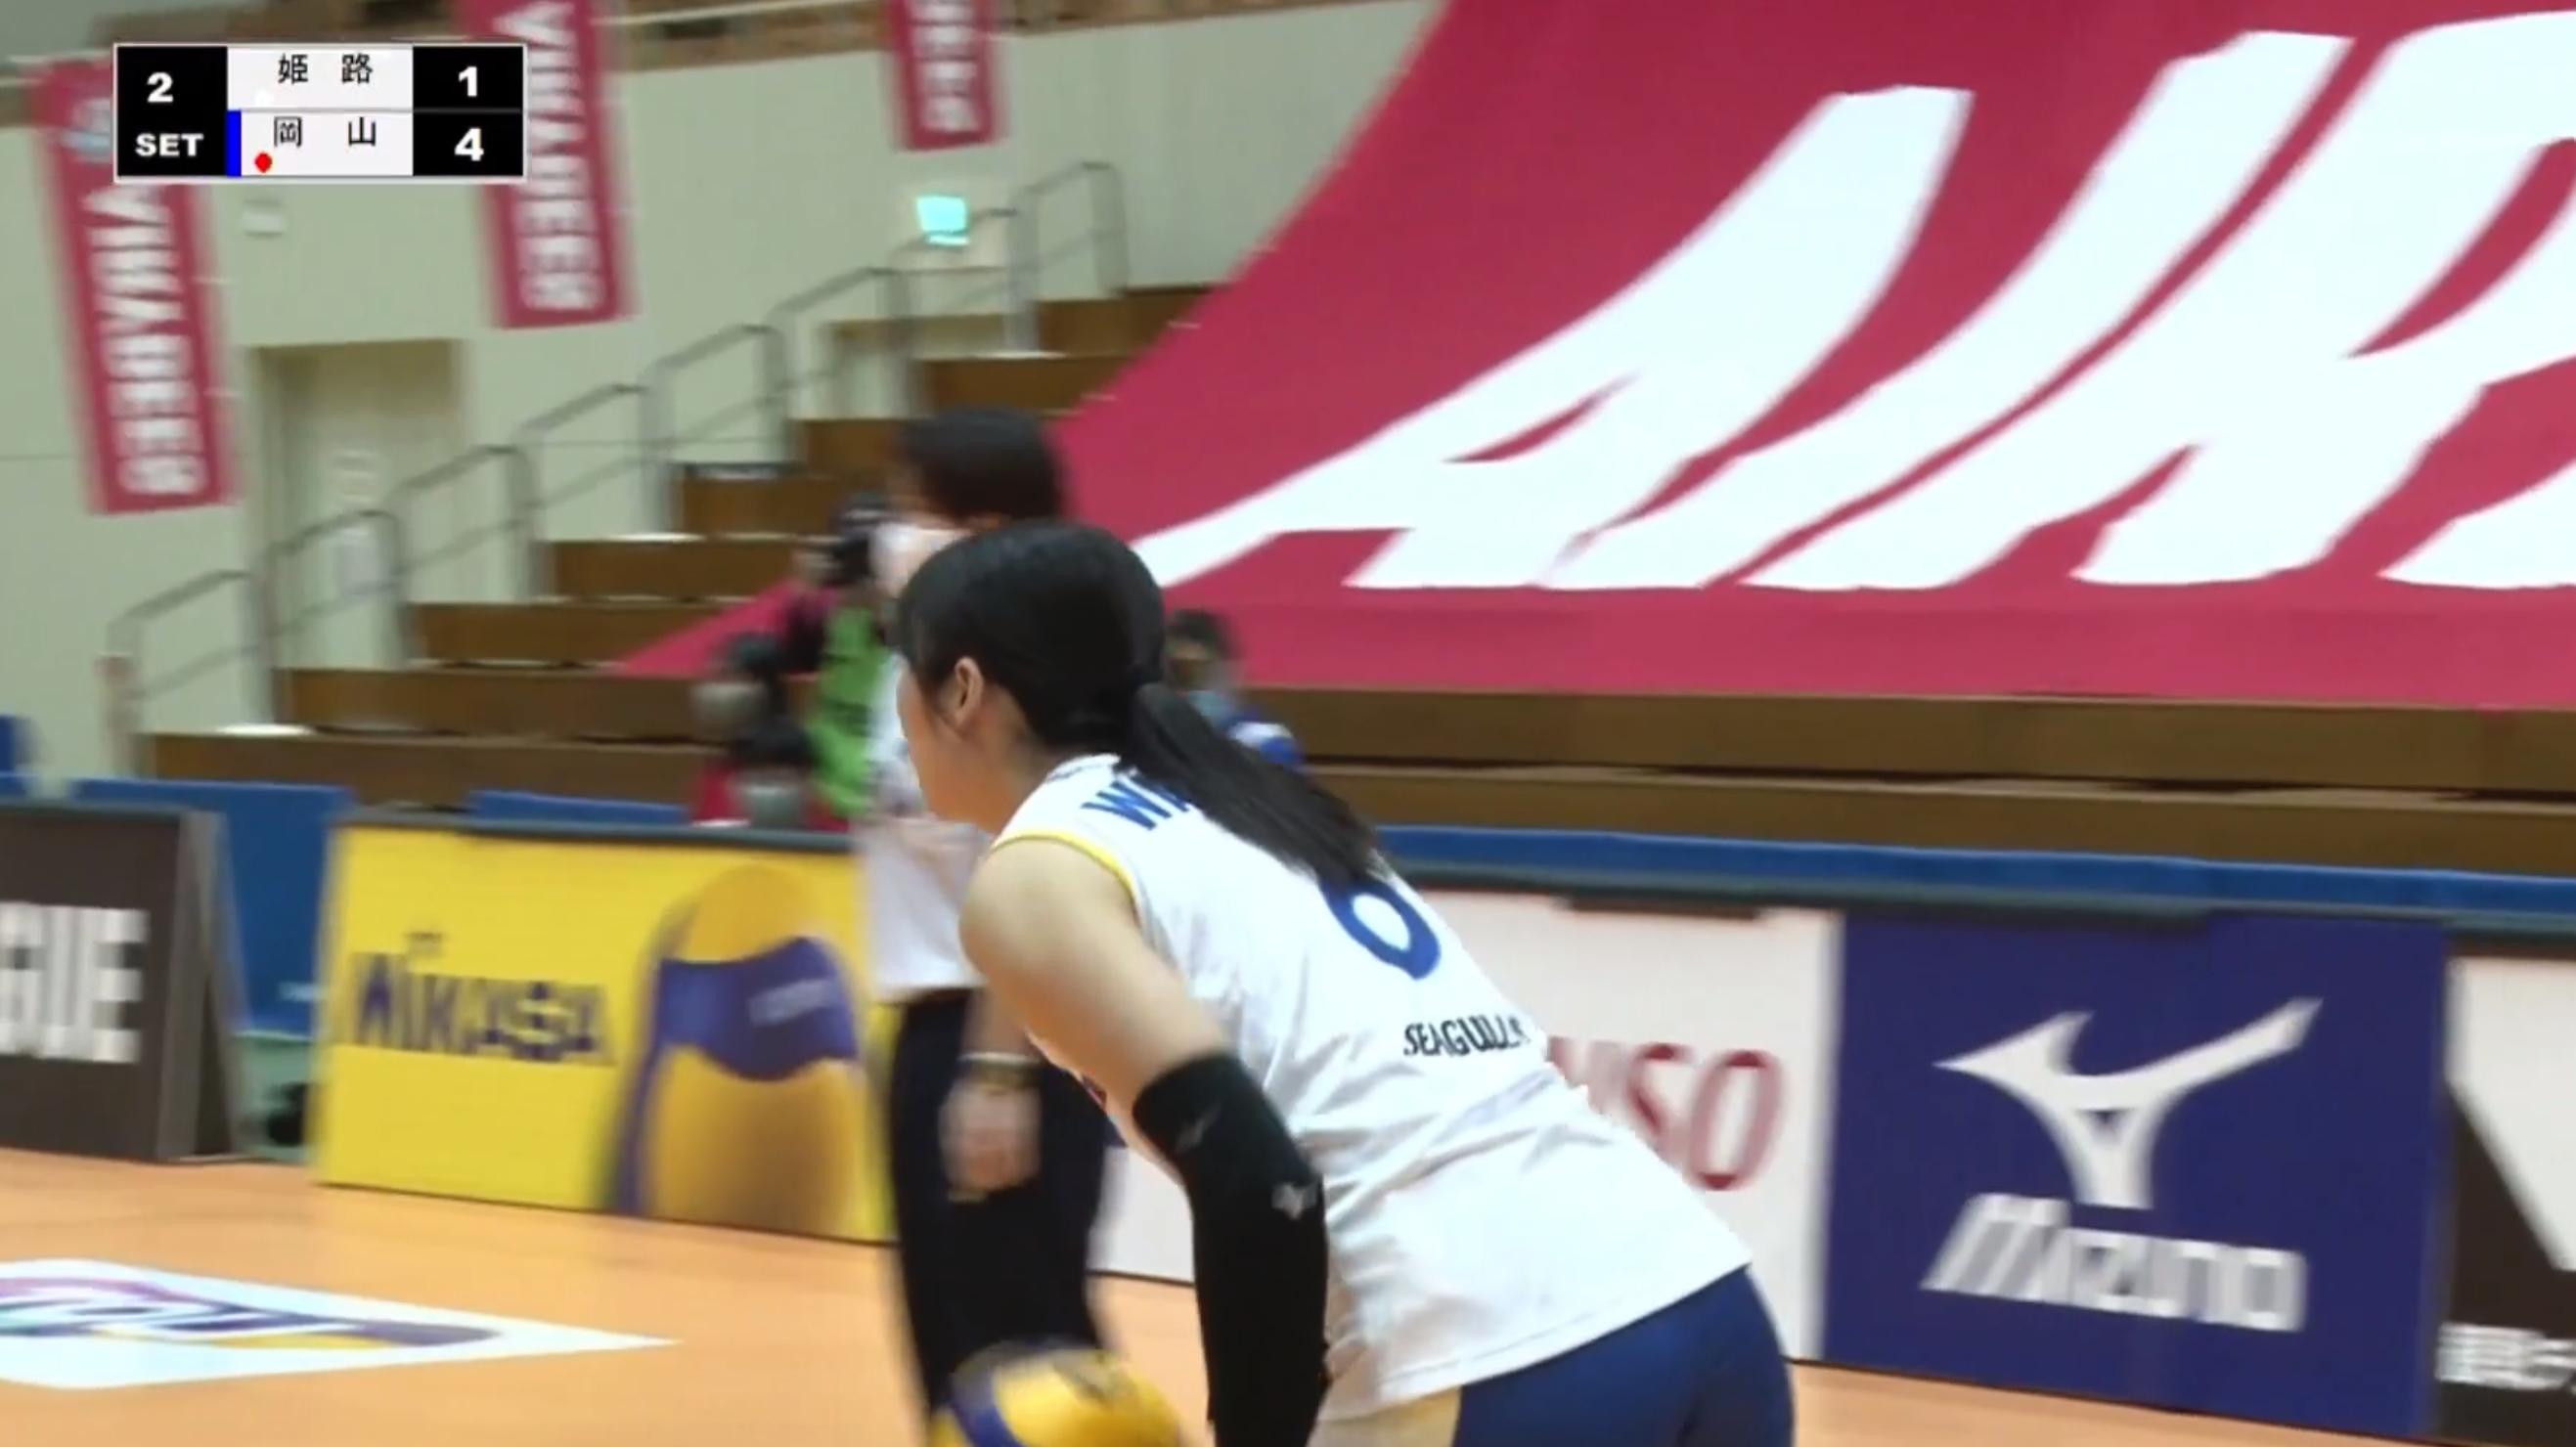 【バレー/Vリーグ】2021/2/28 ハイライト 岡山シーガルズ vs ヴィクトリーナ姫路